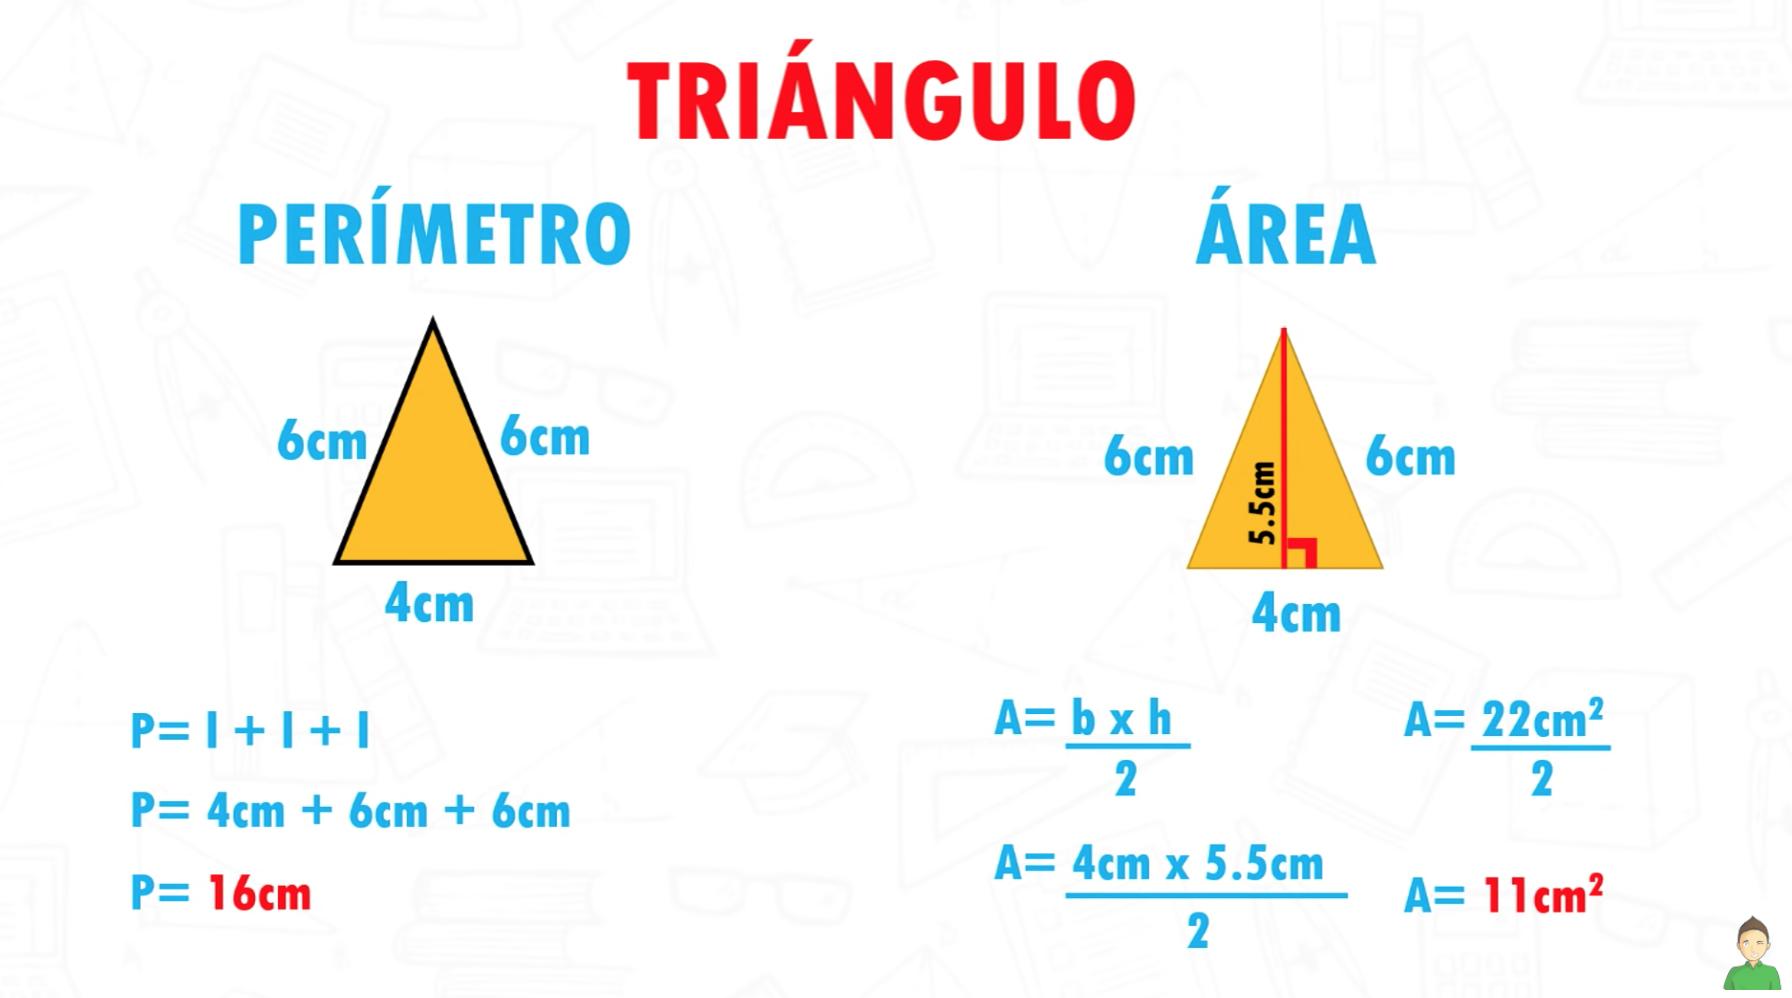 PERÍMETRO Y ÁREA DEL TRIANGULO